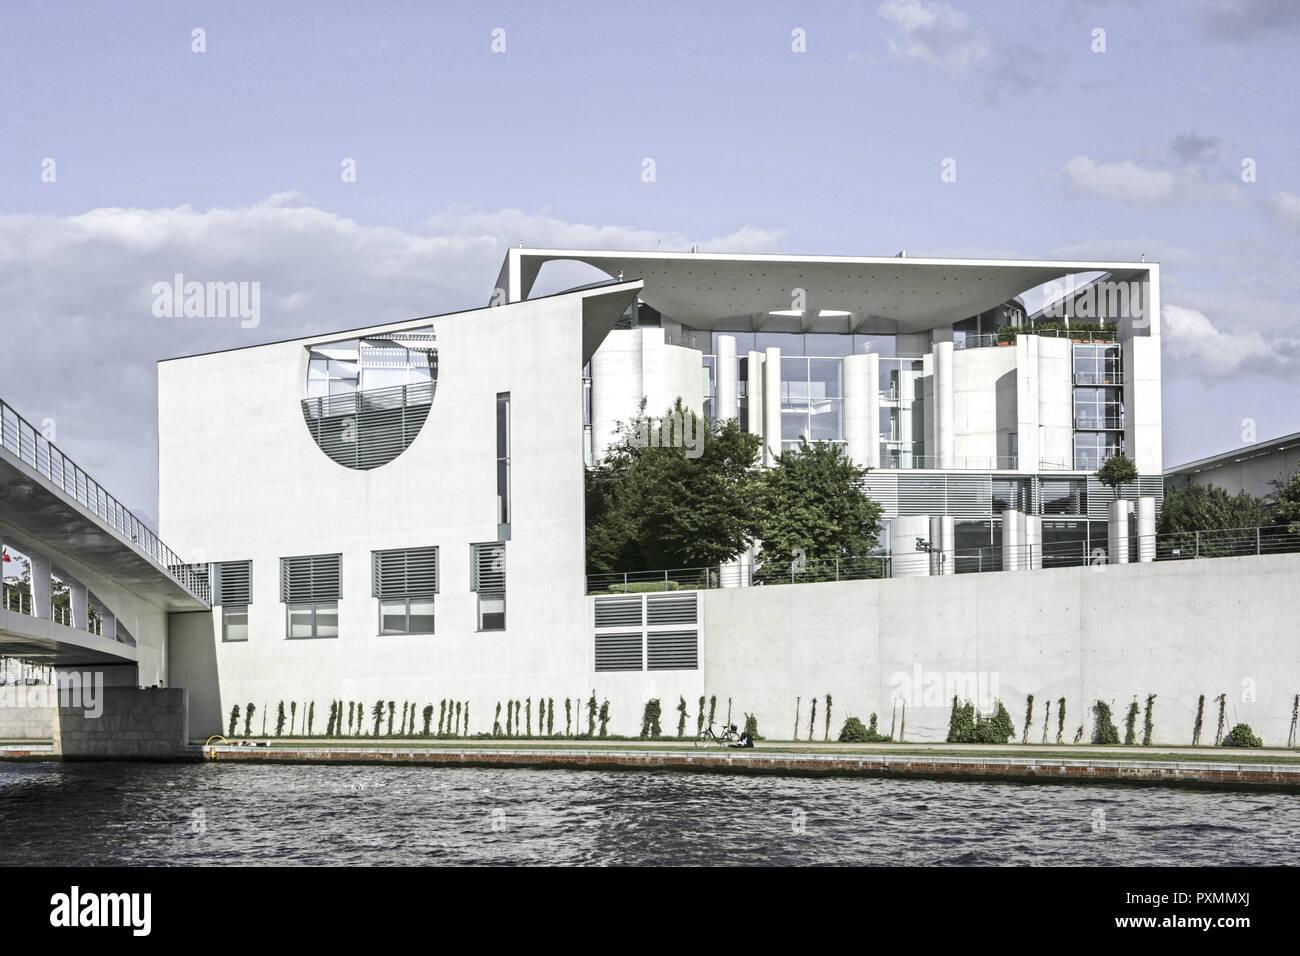 Deutschland, Berlin, Europa, Hauptstadt, Stadt, Sehenswuerdigkeit, Berlin-Tiergarten, neues Bundeskanzleramt, Politik, Regierungsviertel, Kanzleramt,  Stock Photo